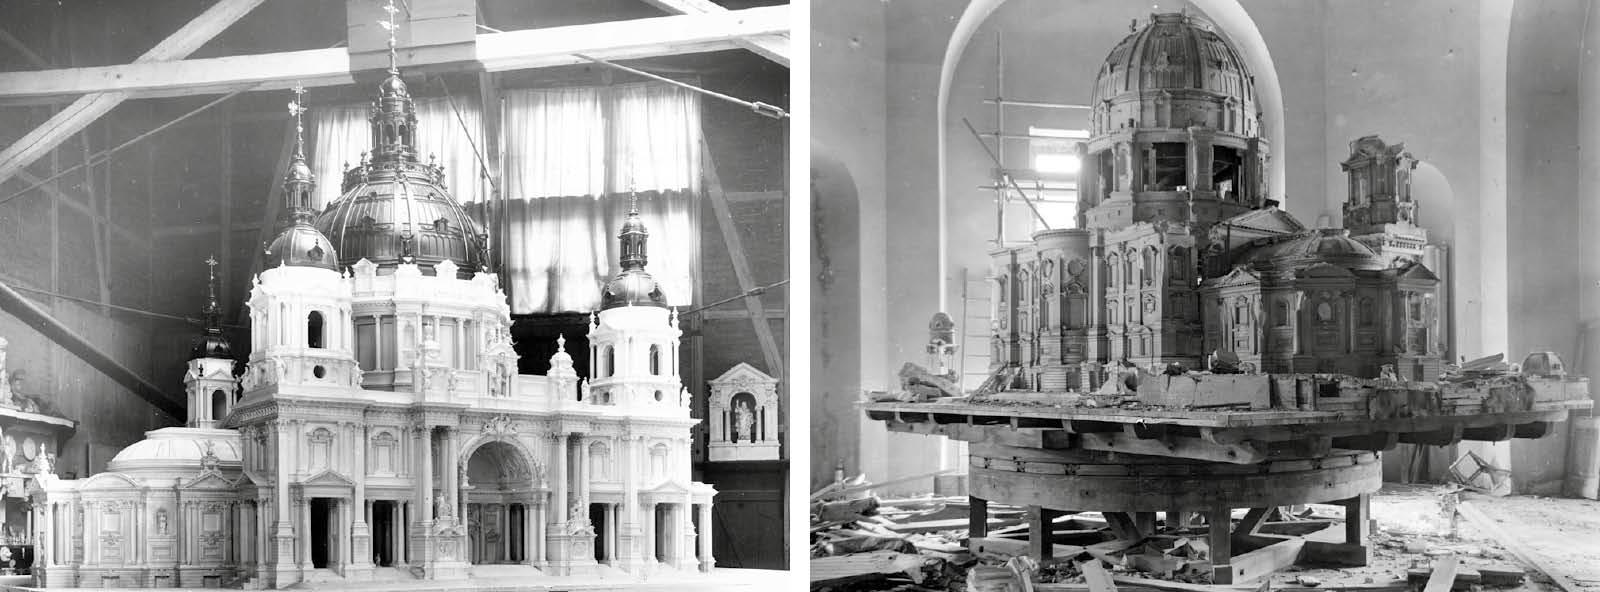 Gipsmodell des Doms um 1890 und Zustand 1977